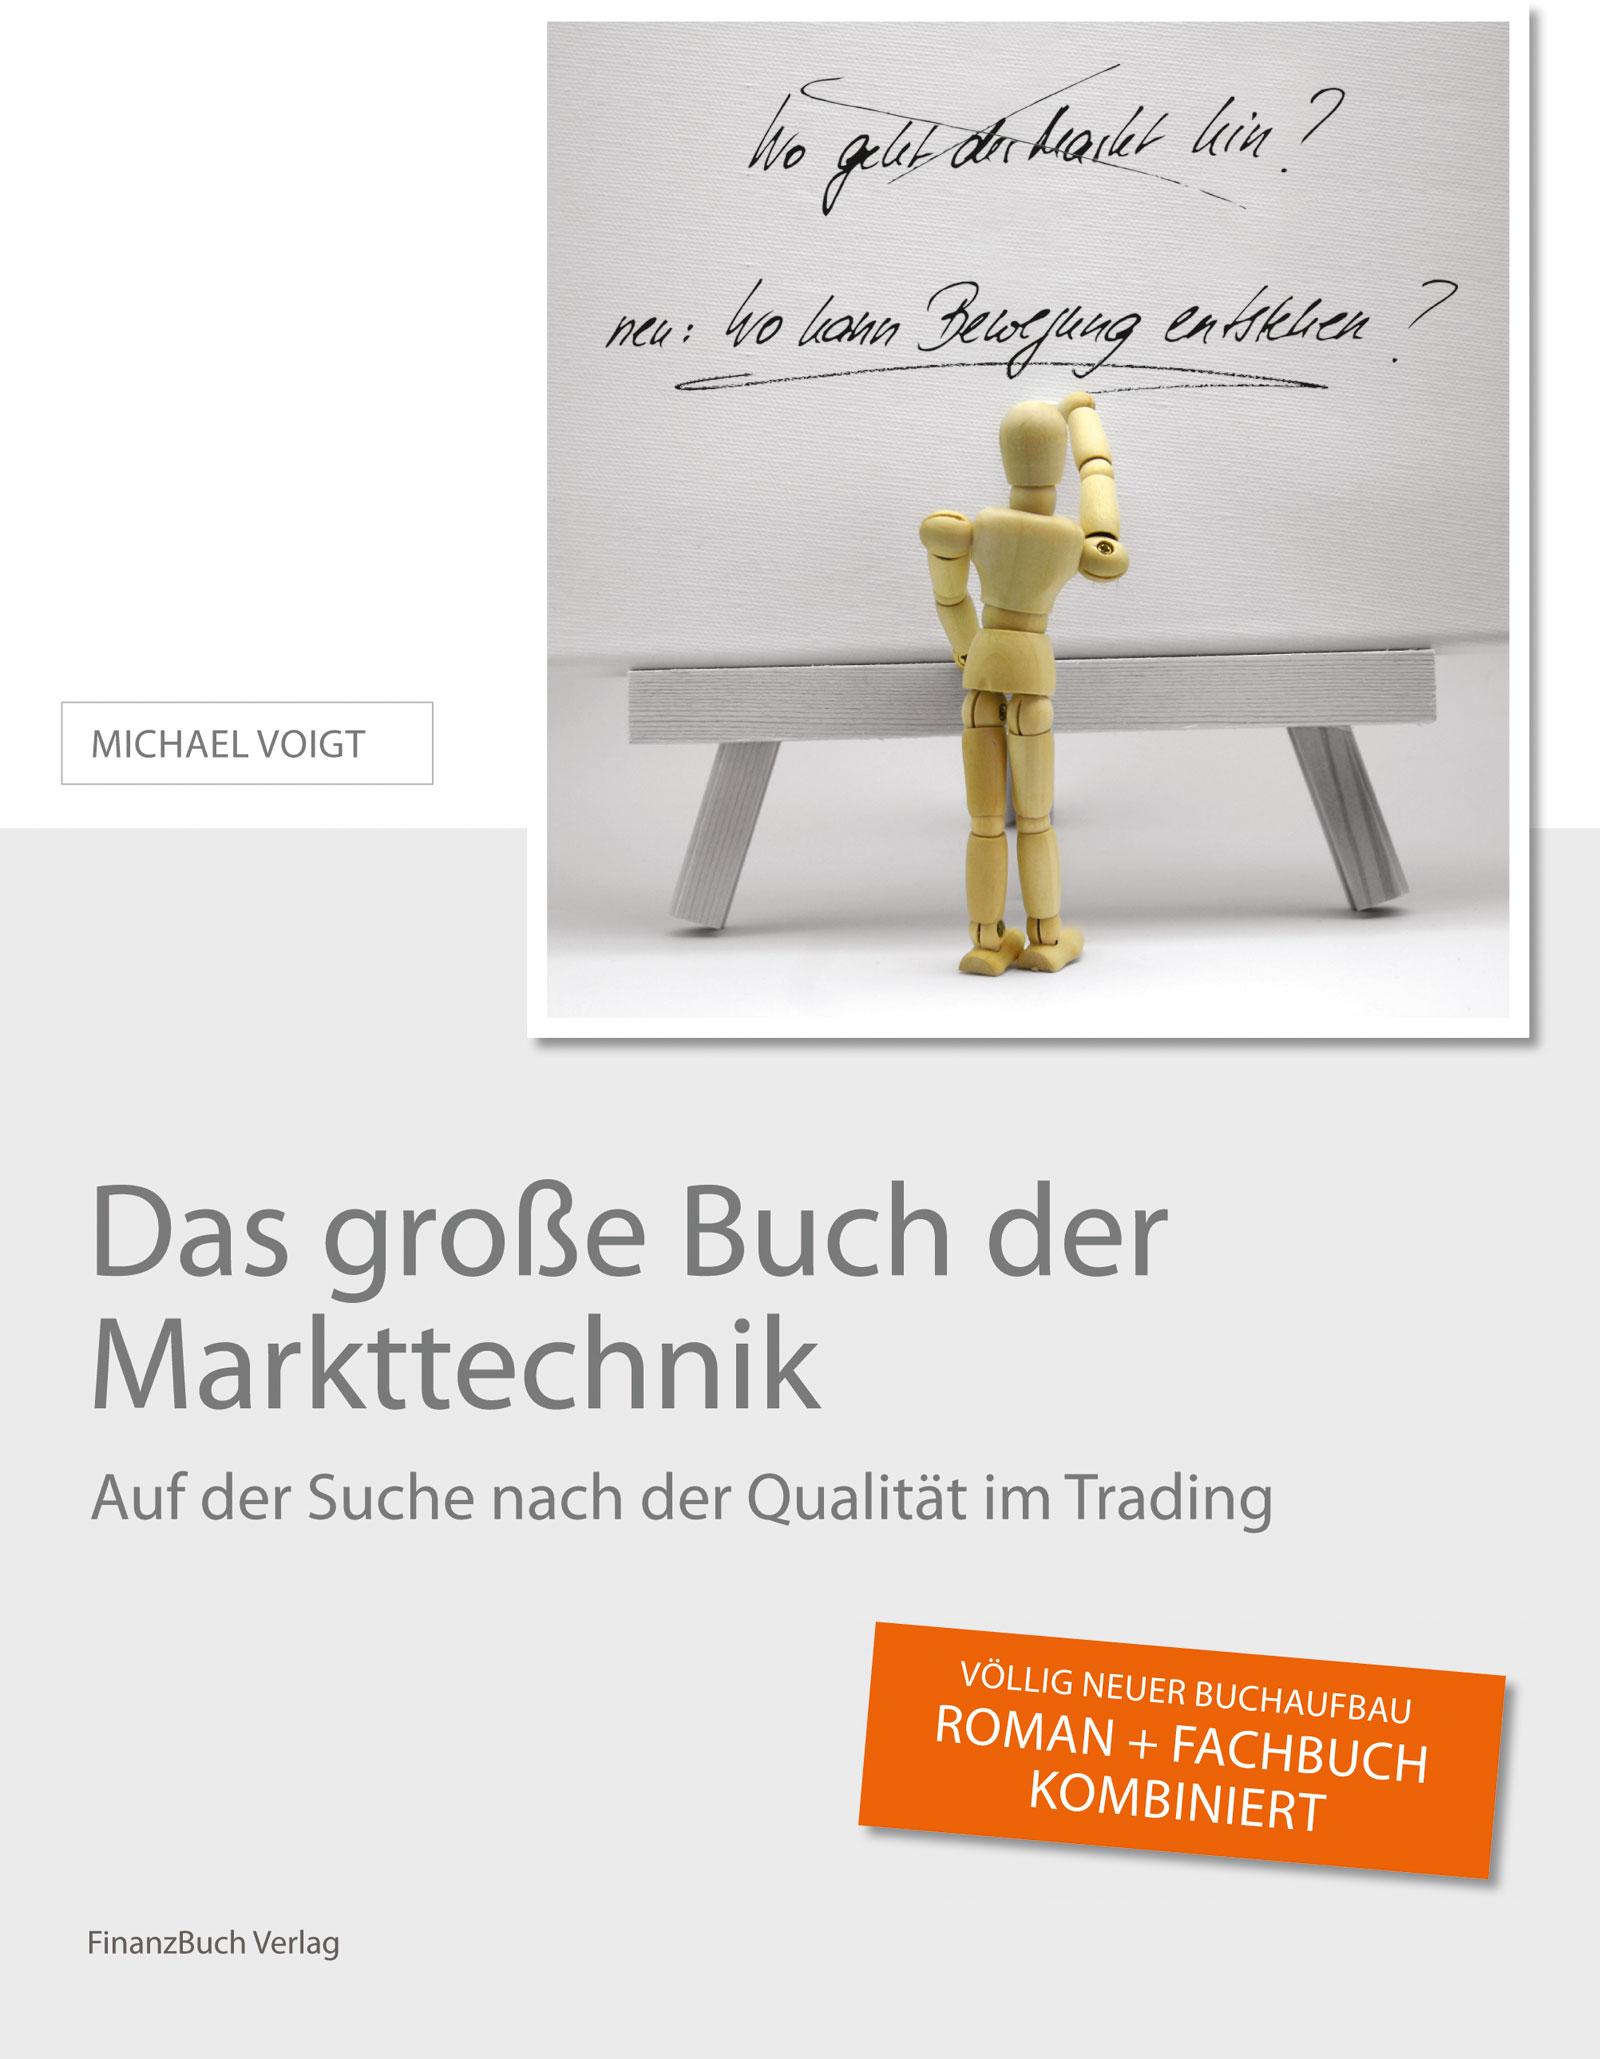 Das große Buch der Markttechnik: Auf der Suche nach der Qualität im Trading - Michael Voigt [11. Auflage 2014]